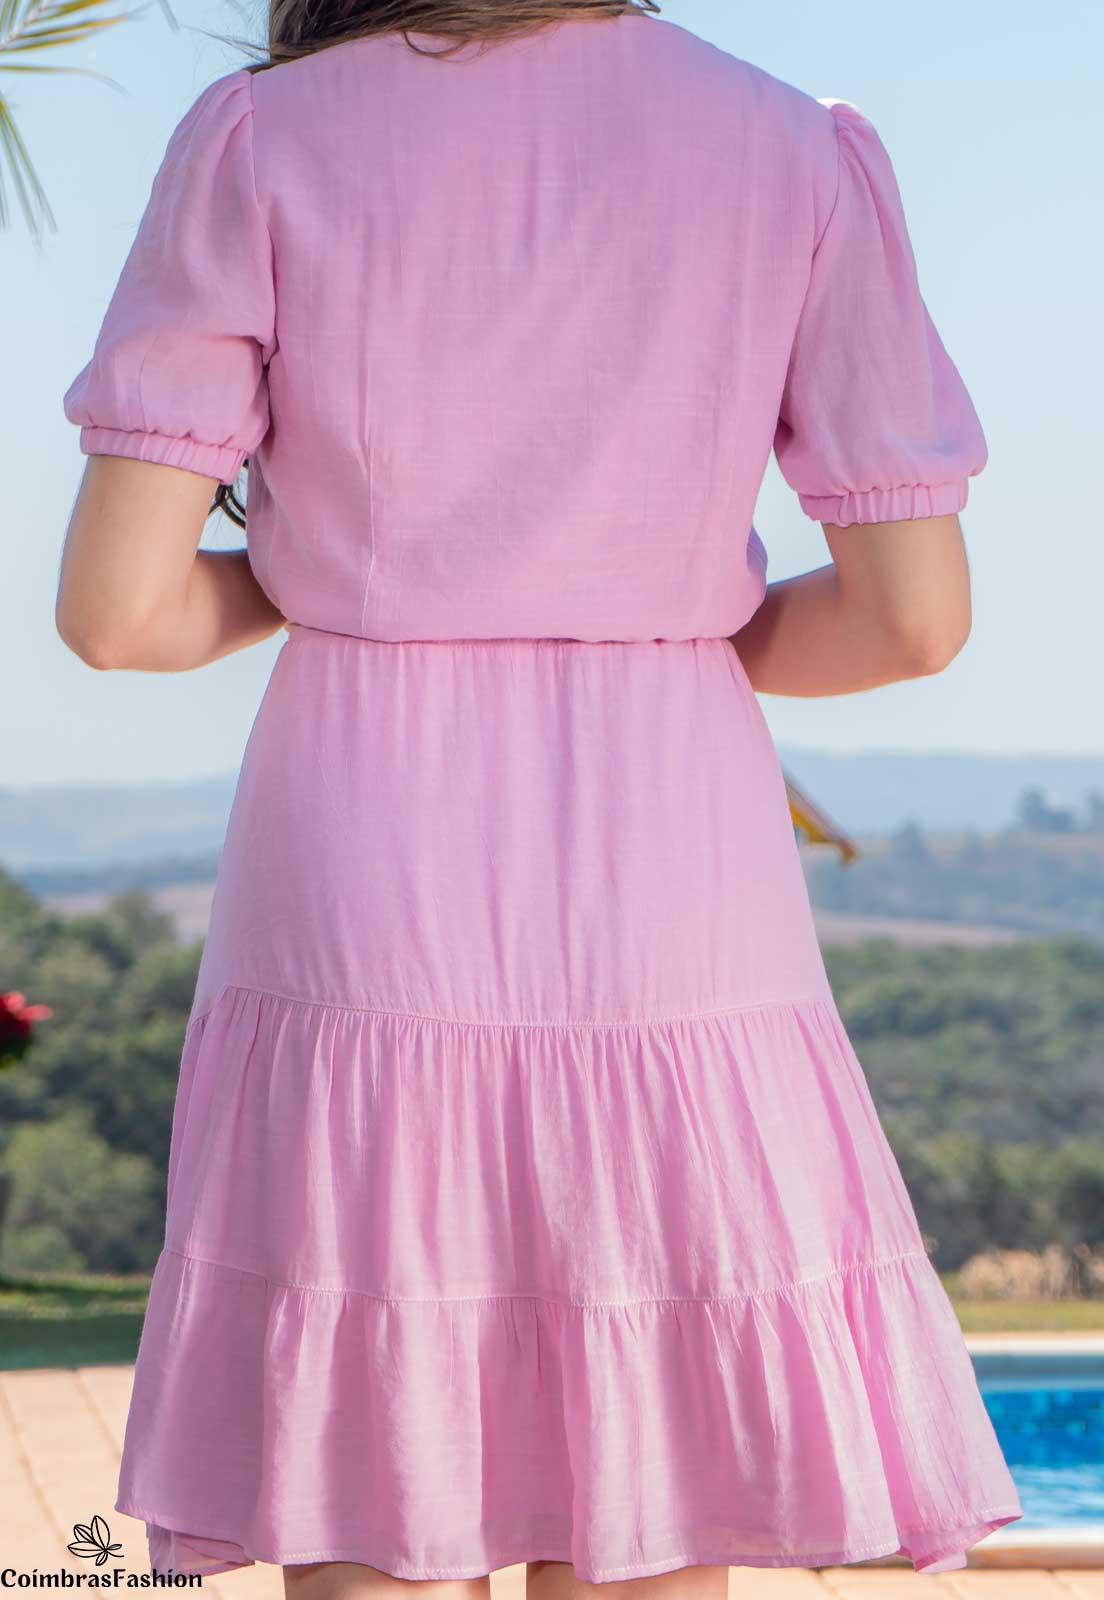 Vestido em cambraia com detalhes bordado luciana pais